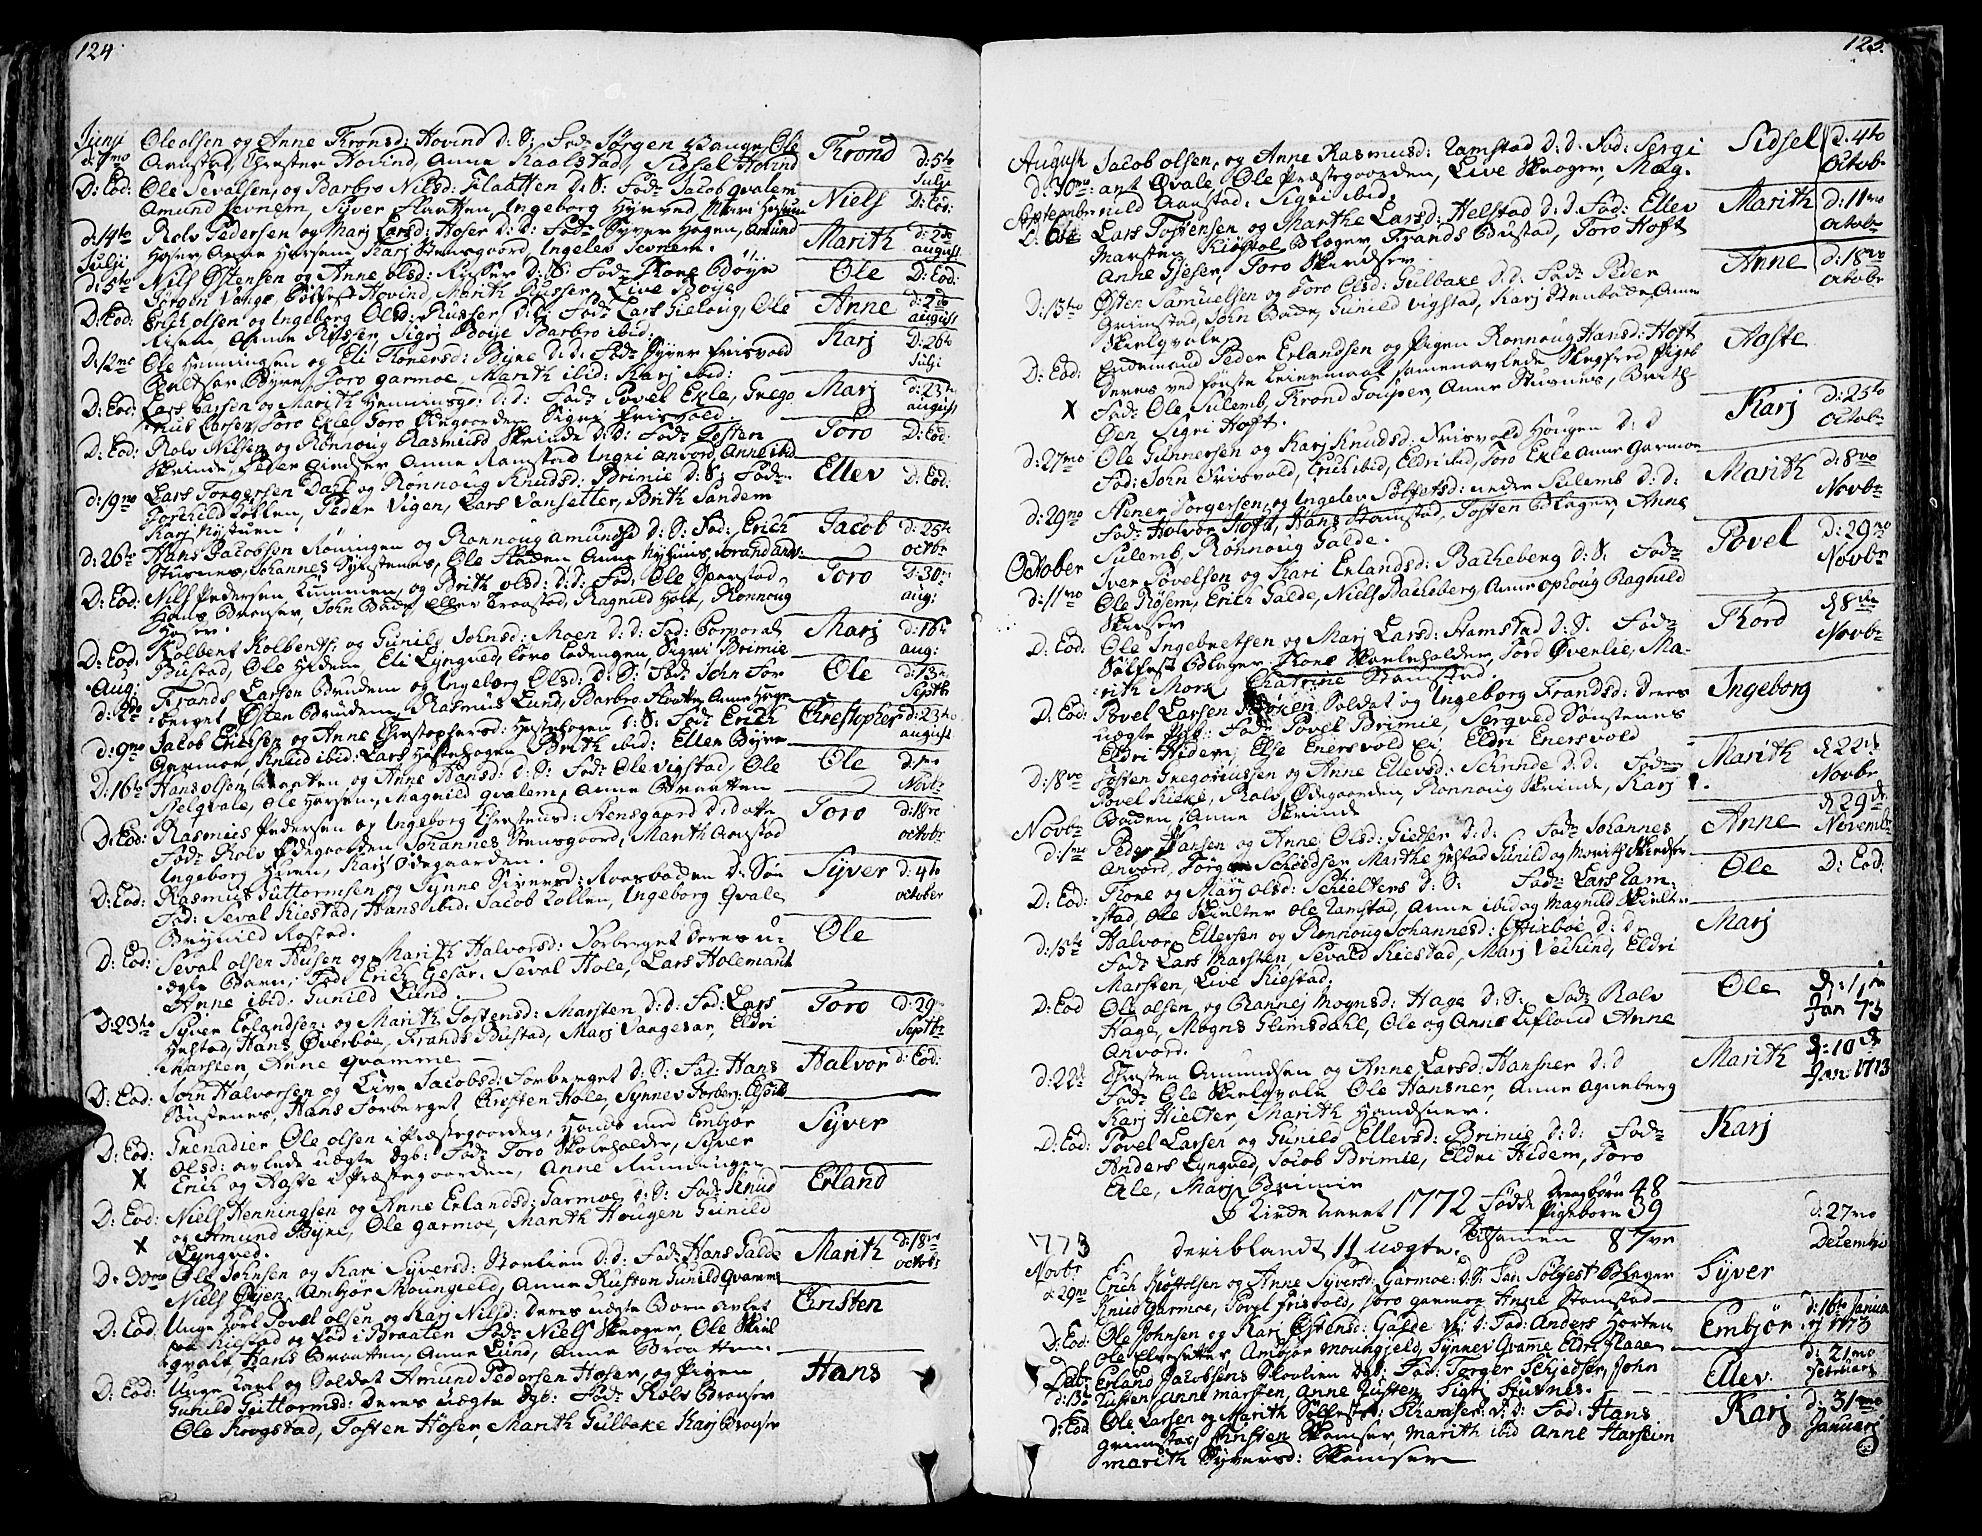 SAH, Lom prestekontor, K/L0002: Ministerialbok nr. 2, 1749-1801, s. 124-125